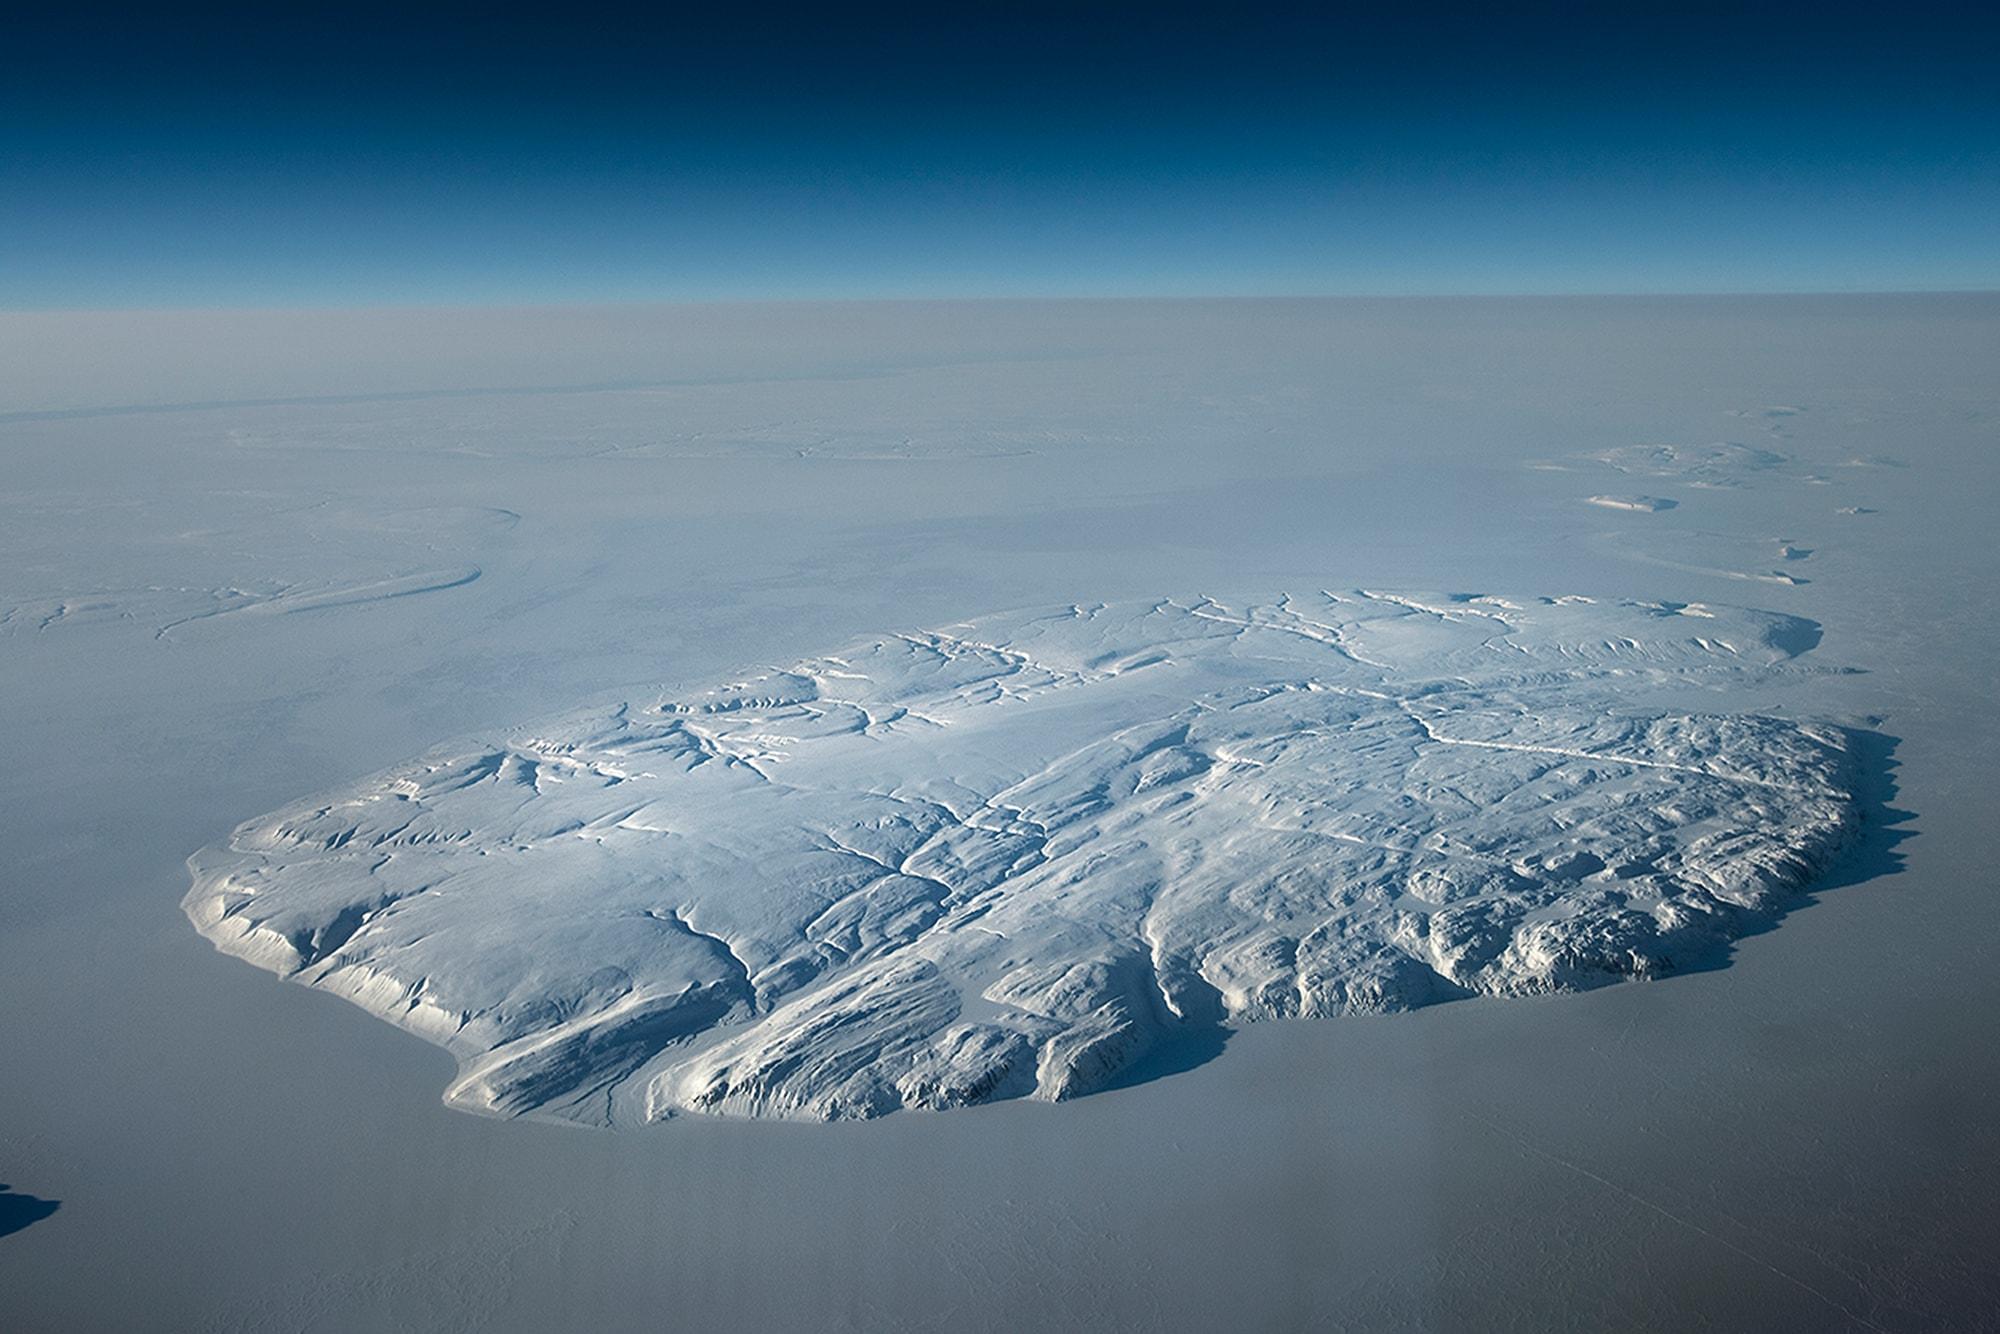 フォトジャーナリズムの最前線を行くアワード受賞者の作品を公開 | Island in the Arctic sea near Qausuittuq (Resolute Bay) Canada, March 2018. © Kadir van Lohuizen / NOOR for Fondation Carmignac